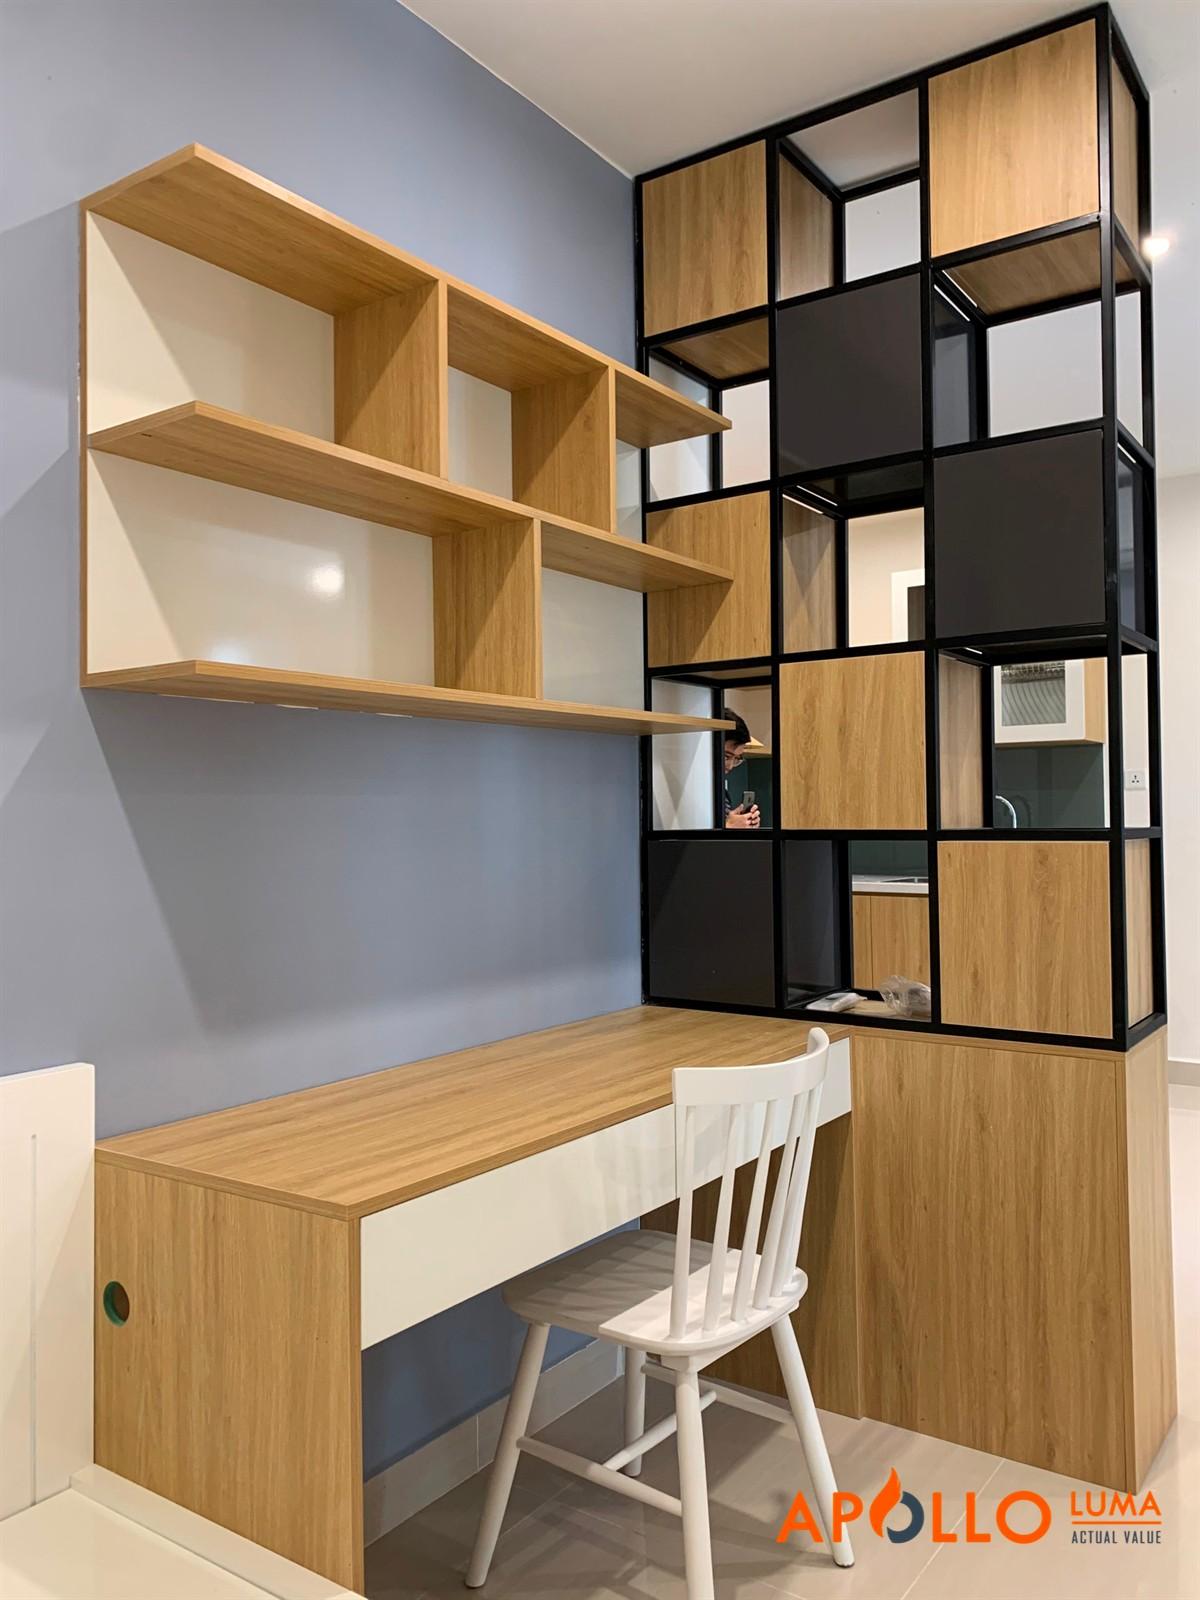 Bàn giao nội thất căn hộ 43m2 (1PN+1) tòa S1.03 Vinhomes Ocean Park